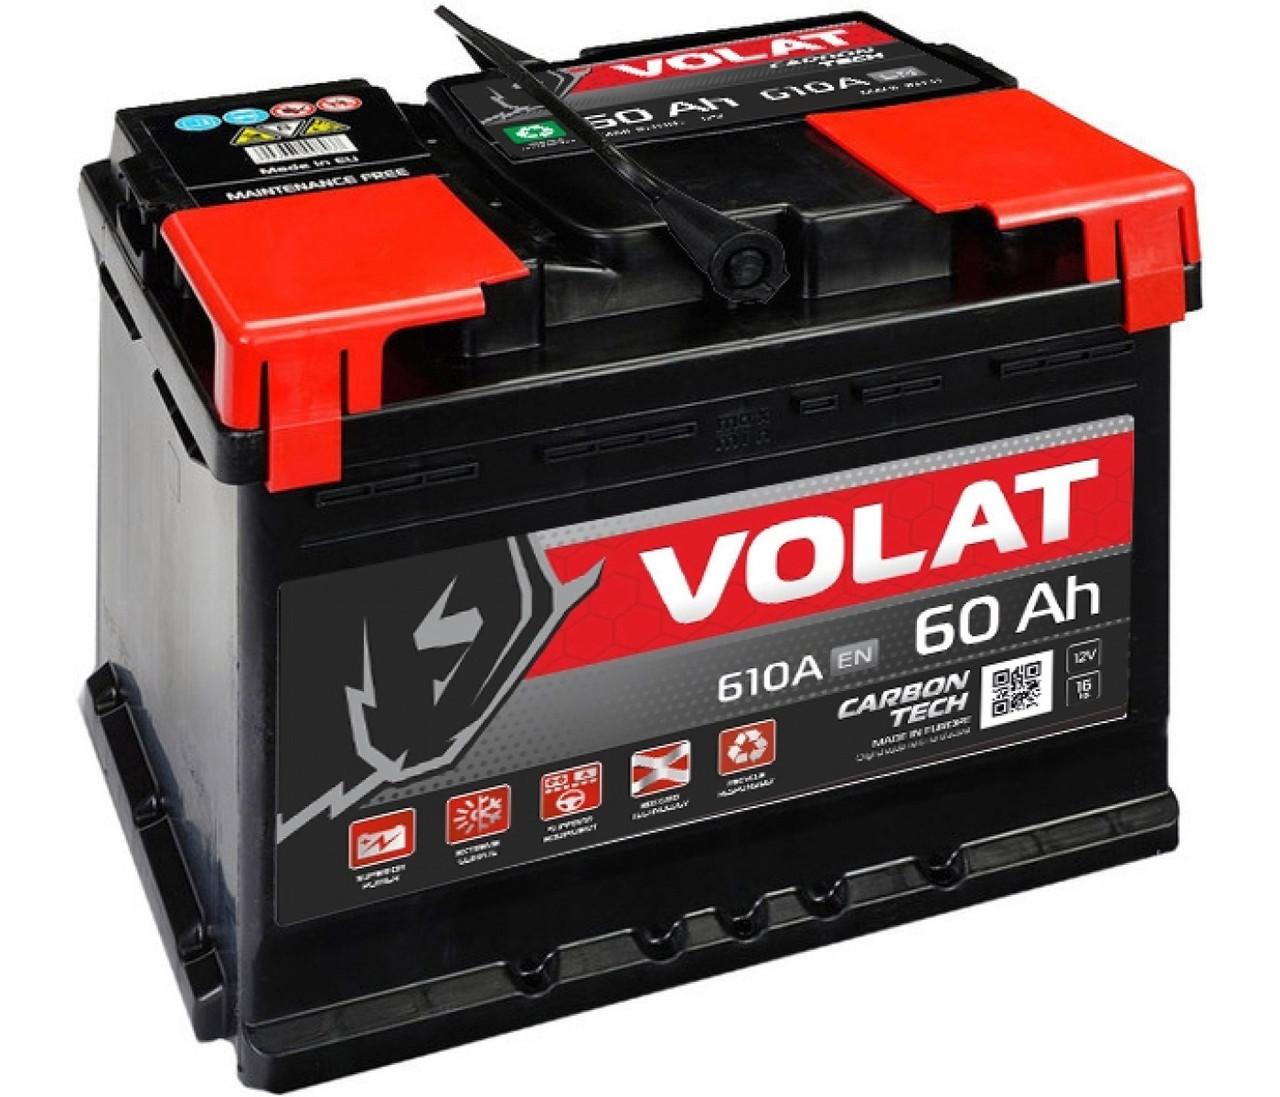 Акумулятор VOLAT -60A +прав (L2) (600 пуск) , 47474